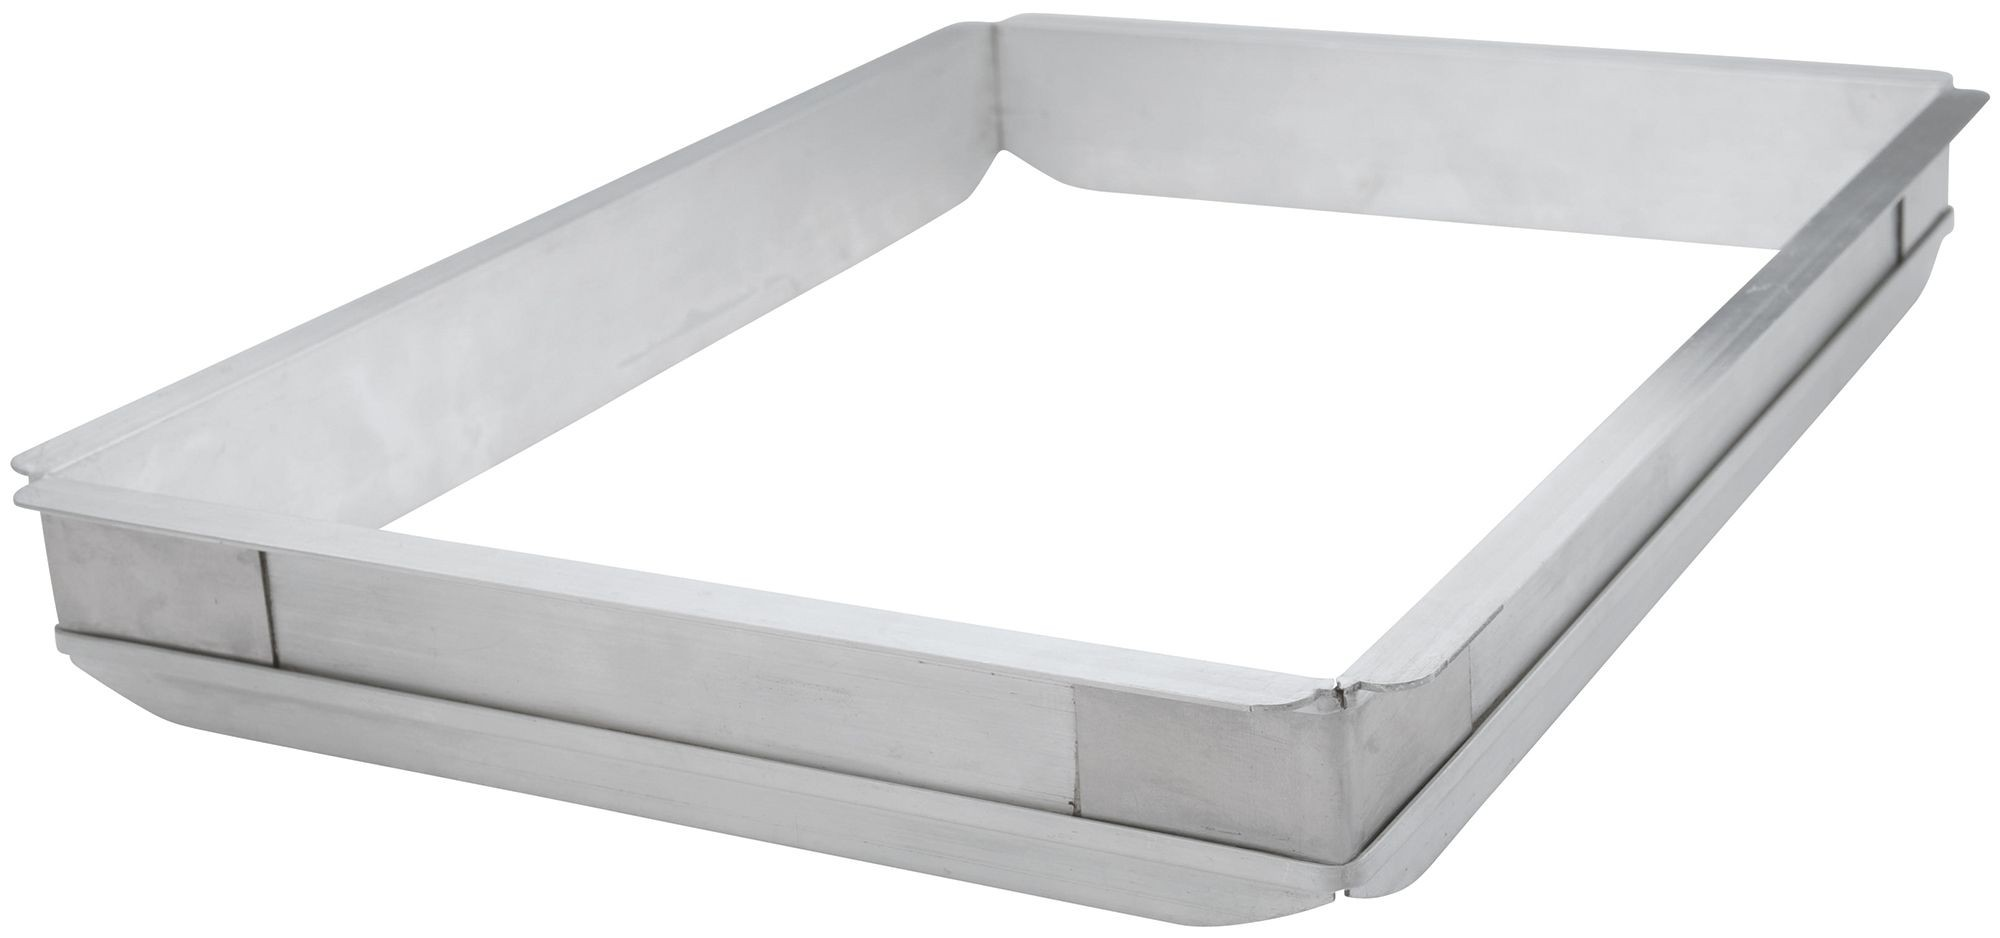 Winco AXPE-2 Half-Size Aluminum Sheet Pan Extender